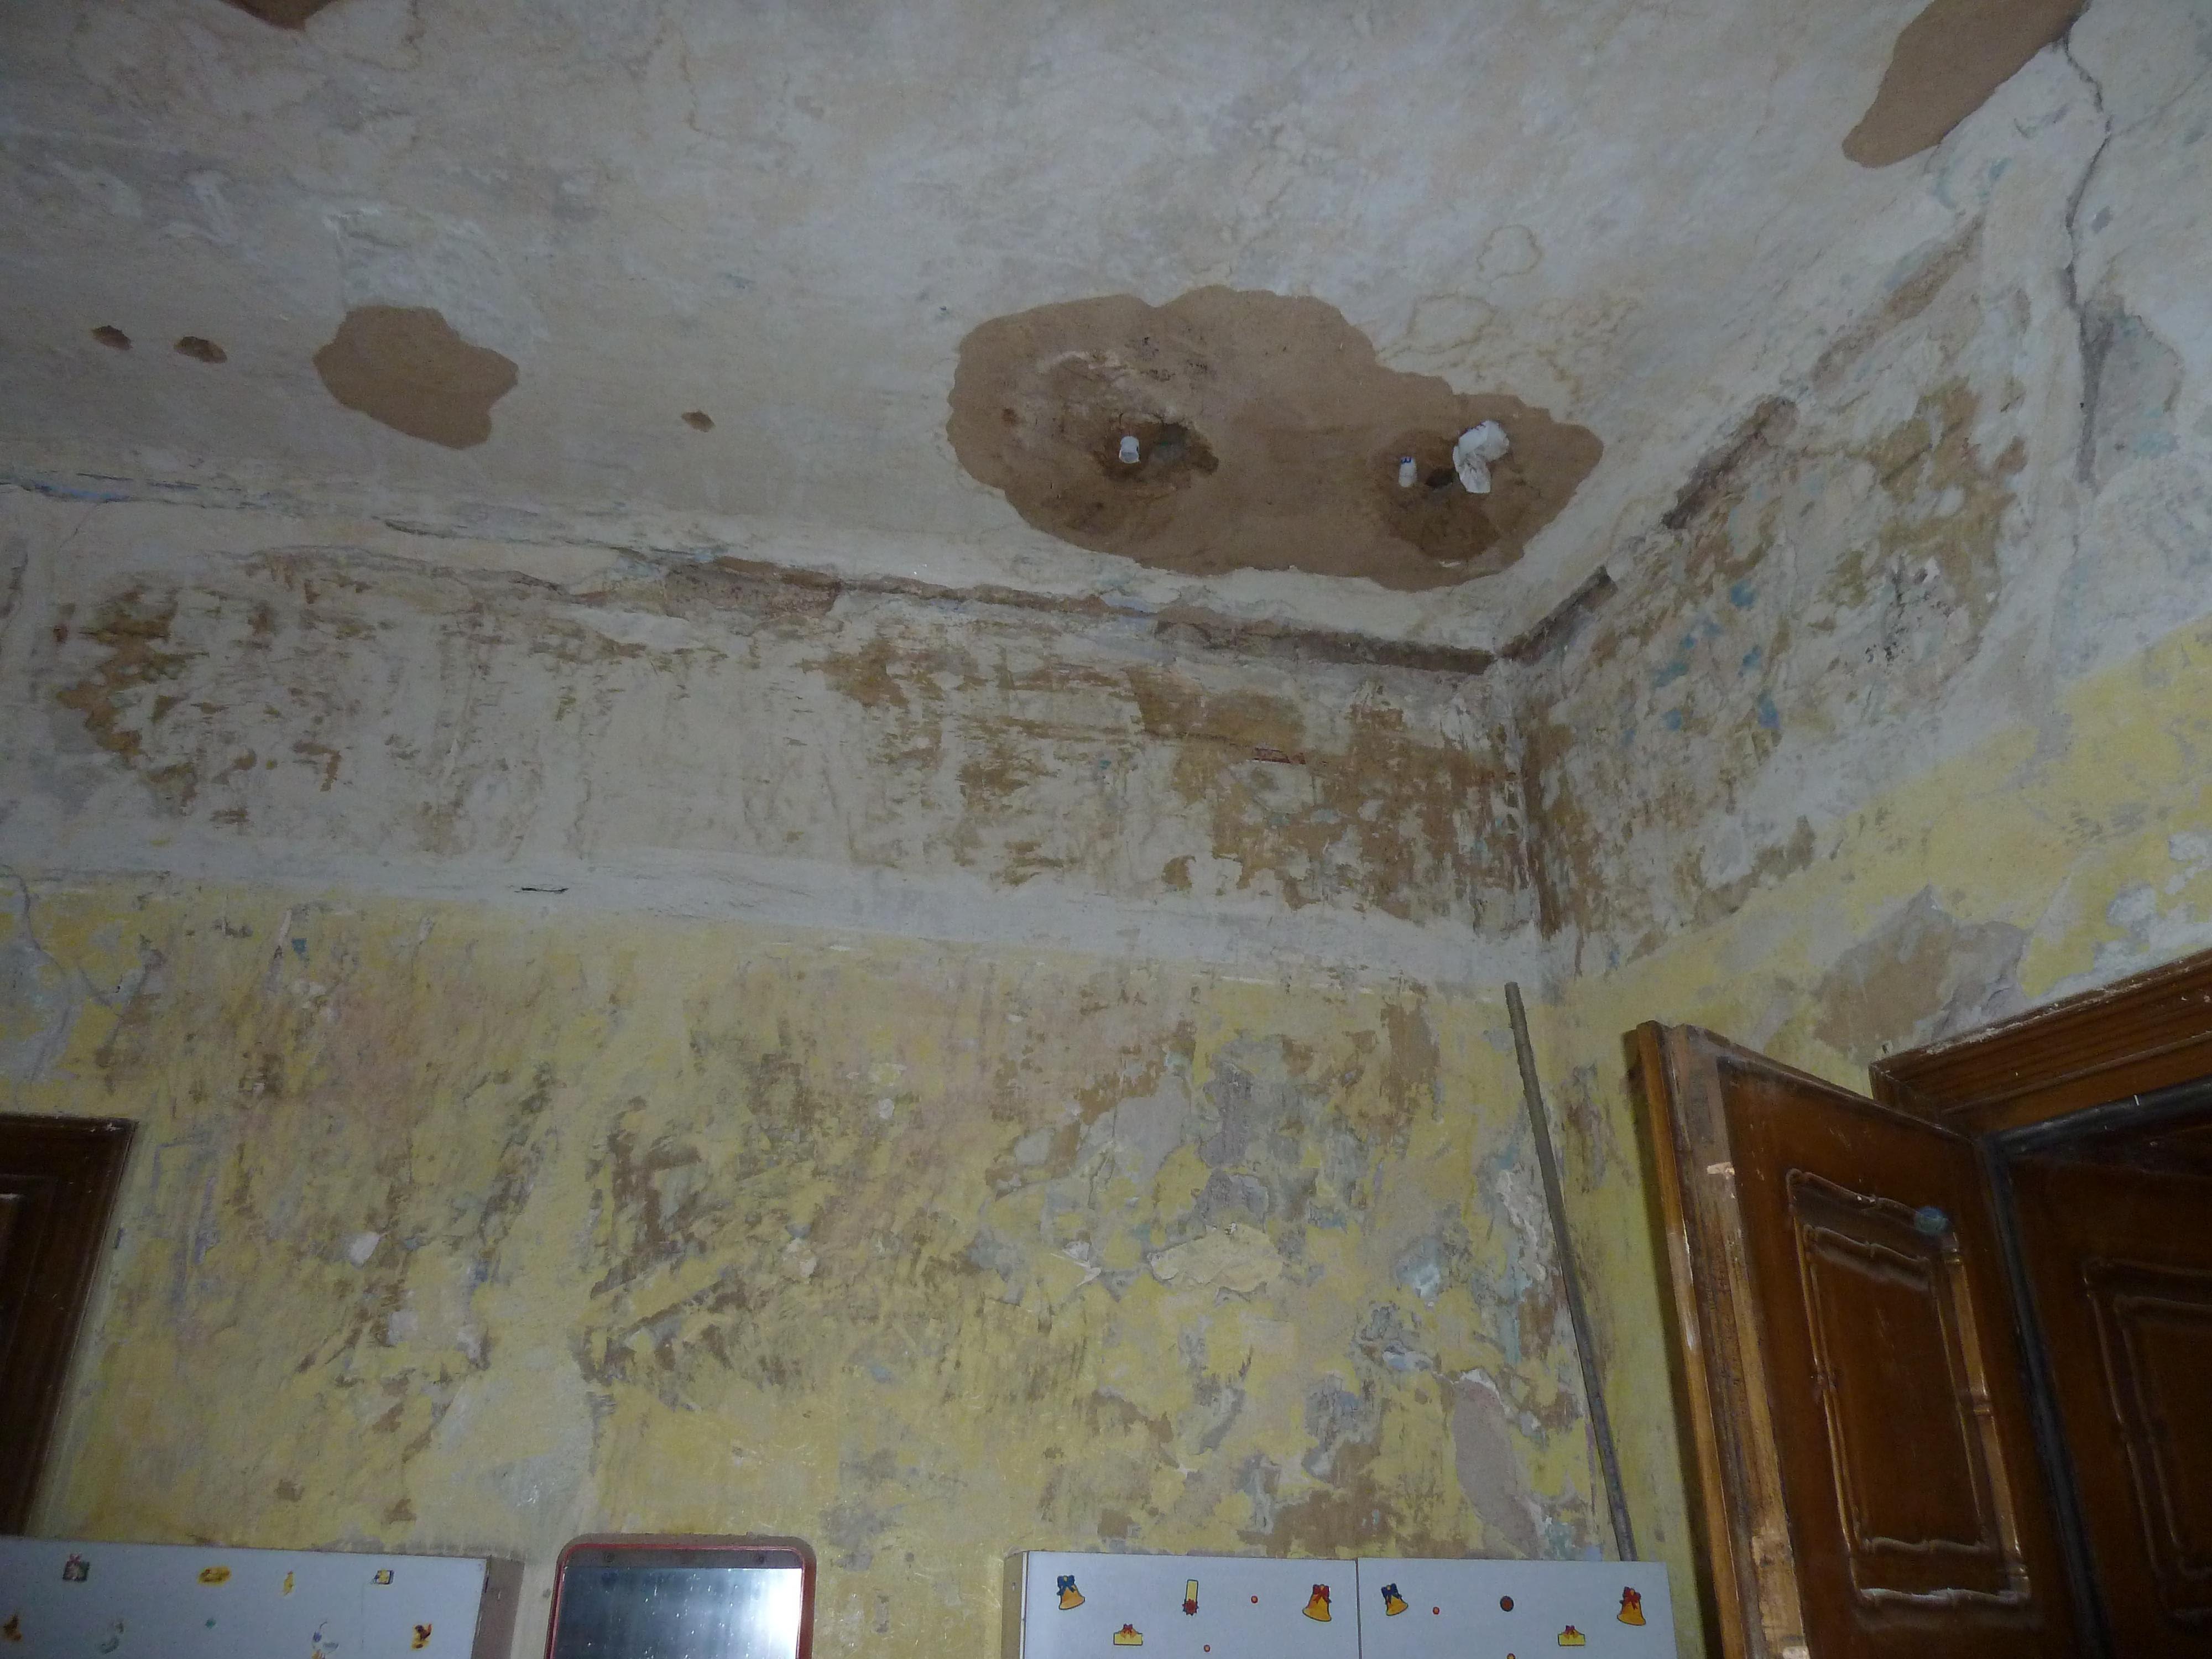 Nevzhledně promáčený strop